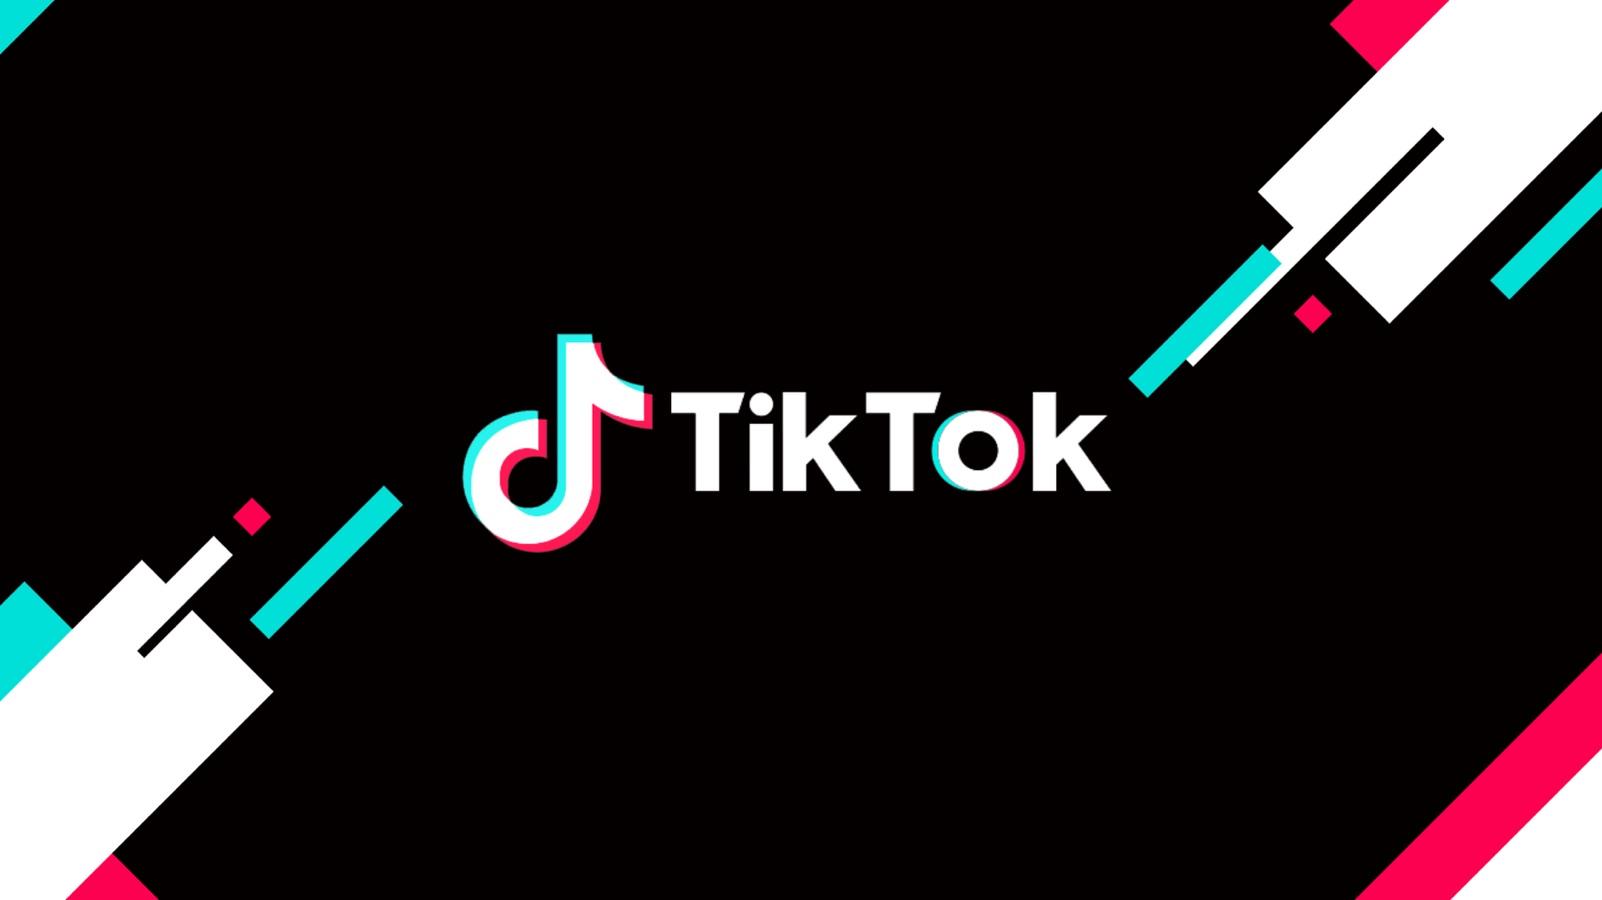 TikTok: entenda tudo sobre o maior fenômeno da Geração Z na internet -  Gizmodo Brasil